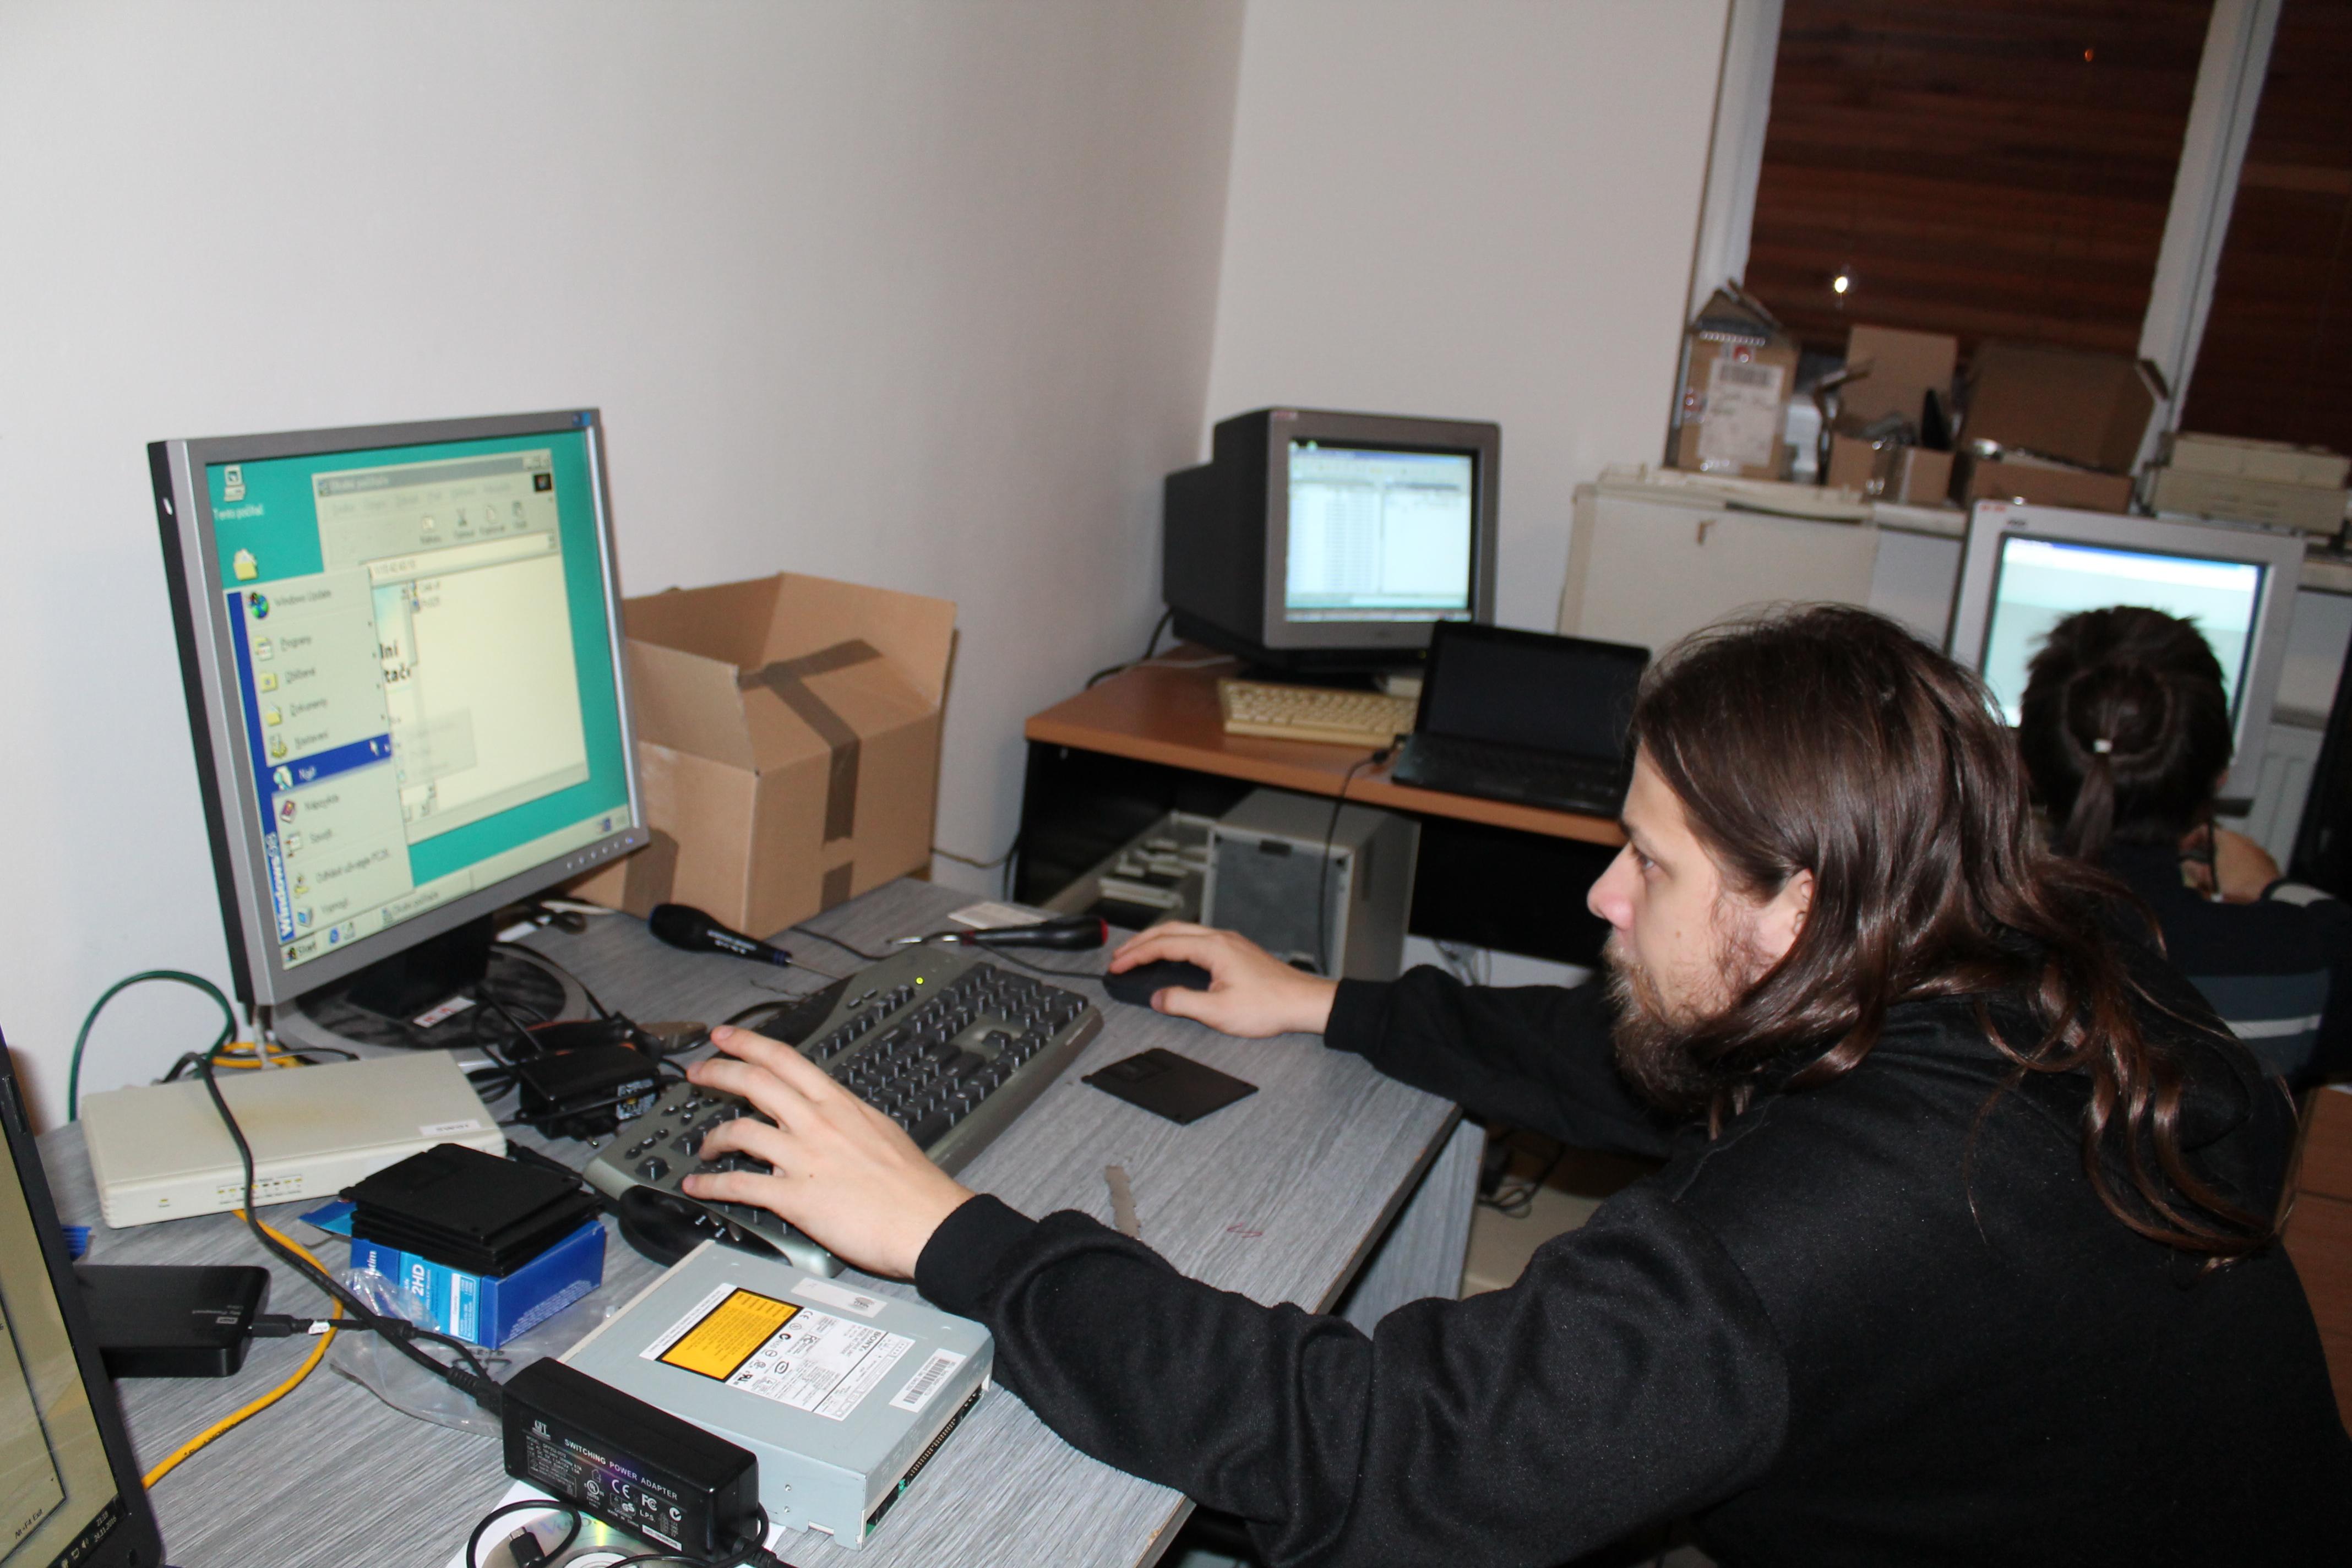 Snaha o zprovoznění byla, bohužel to nestačilo a na konci dne fungovalo stejné množství počítačů jako na začátku.